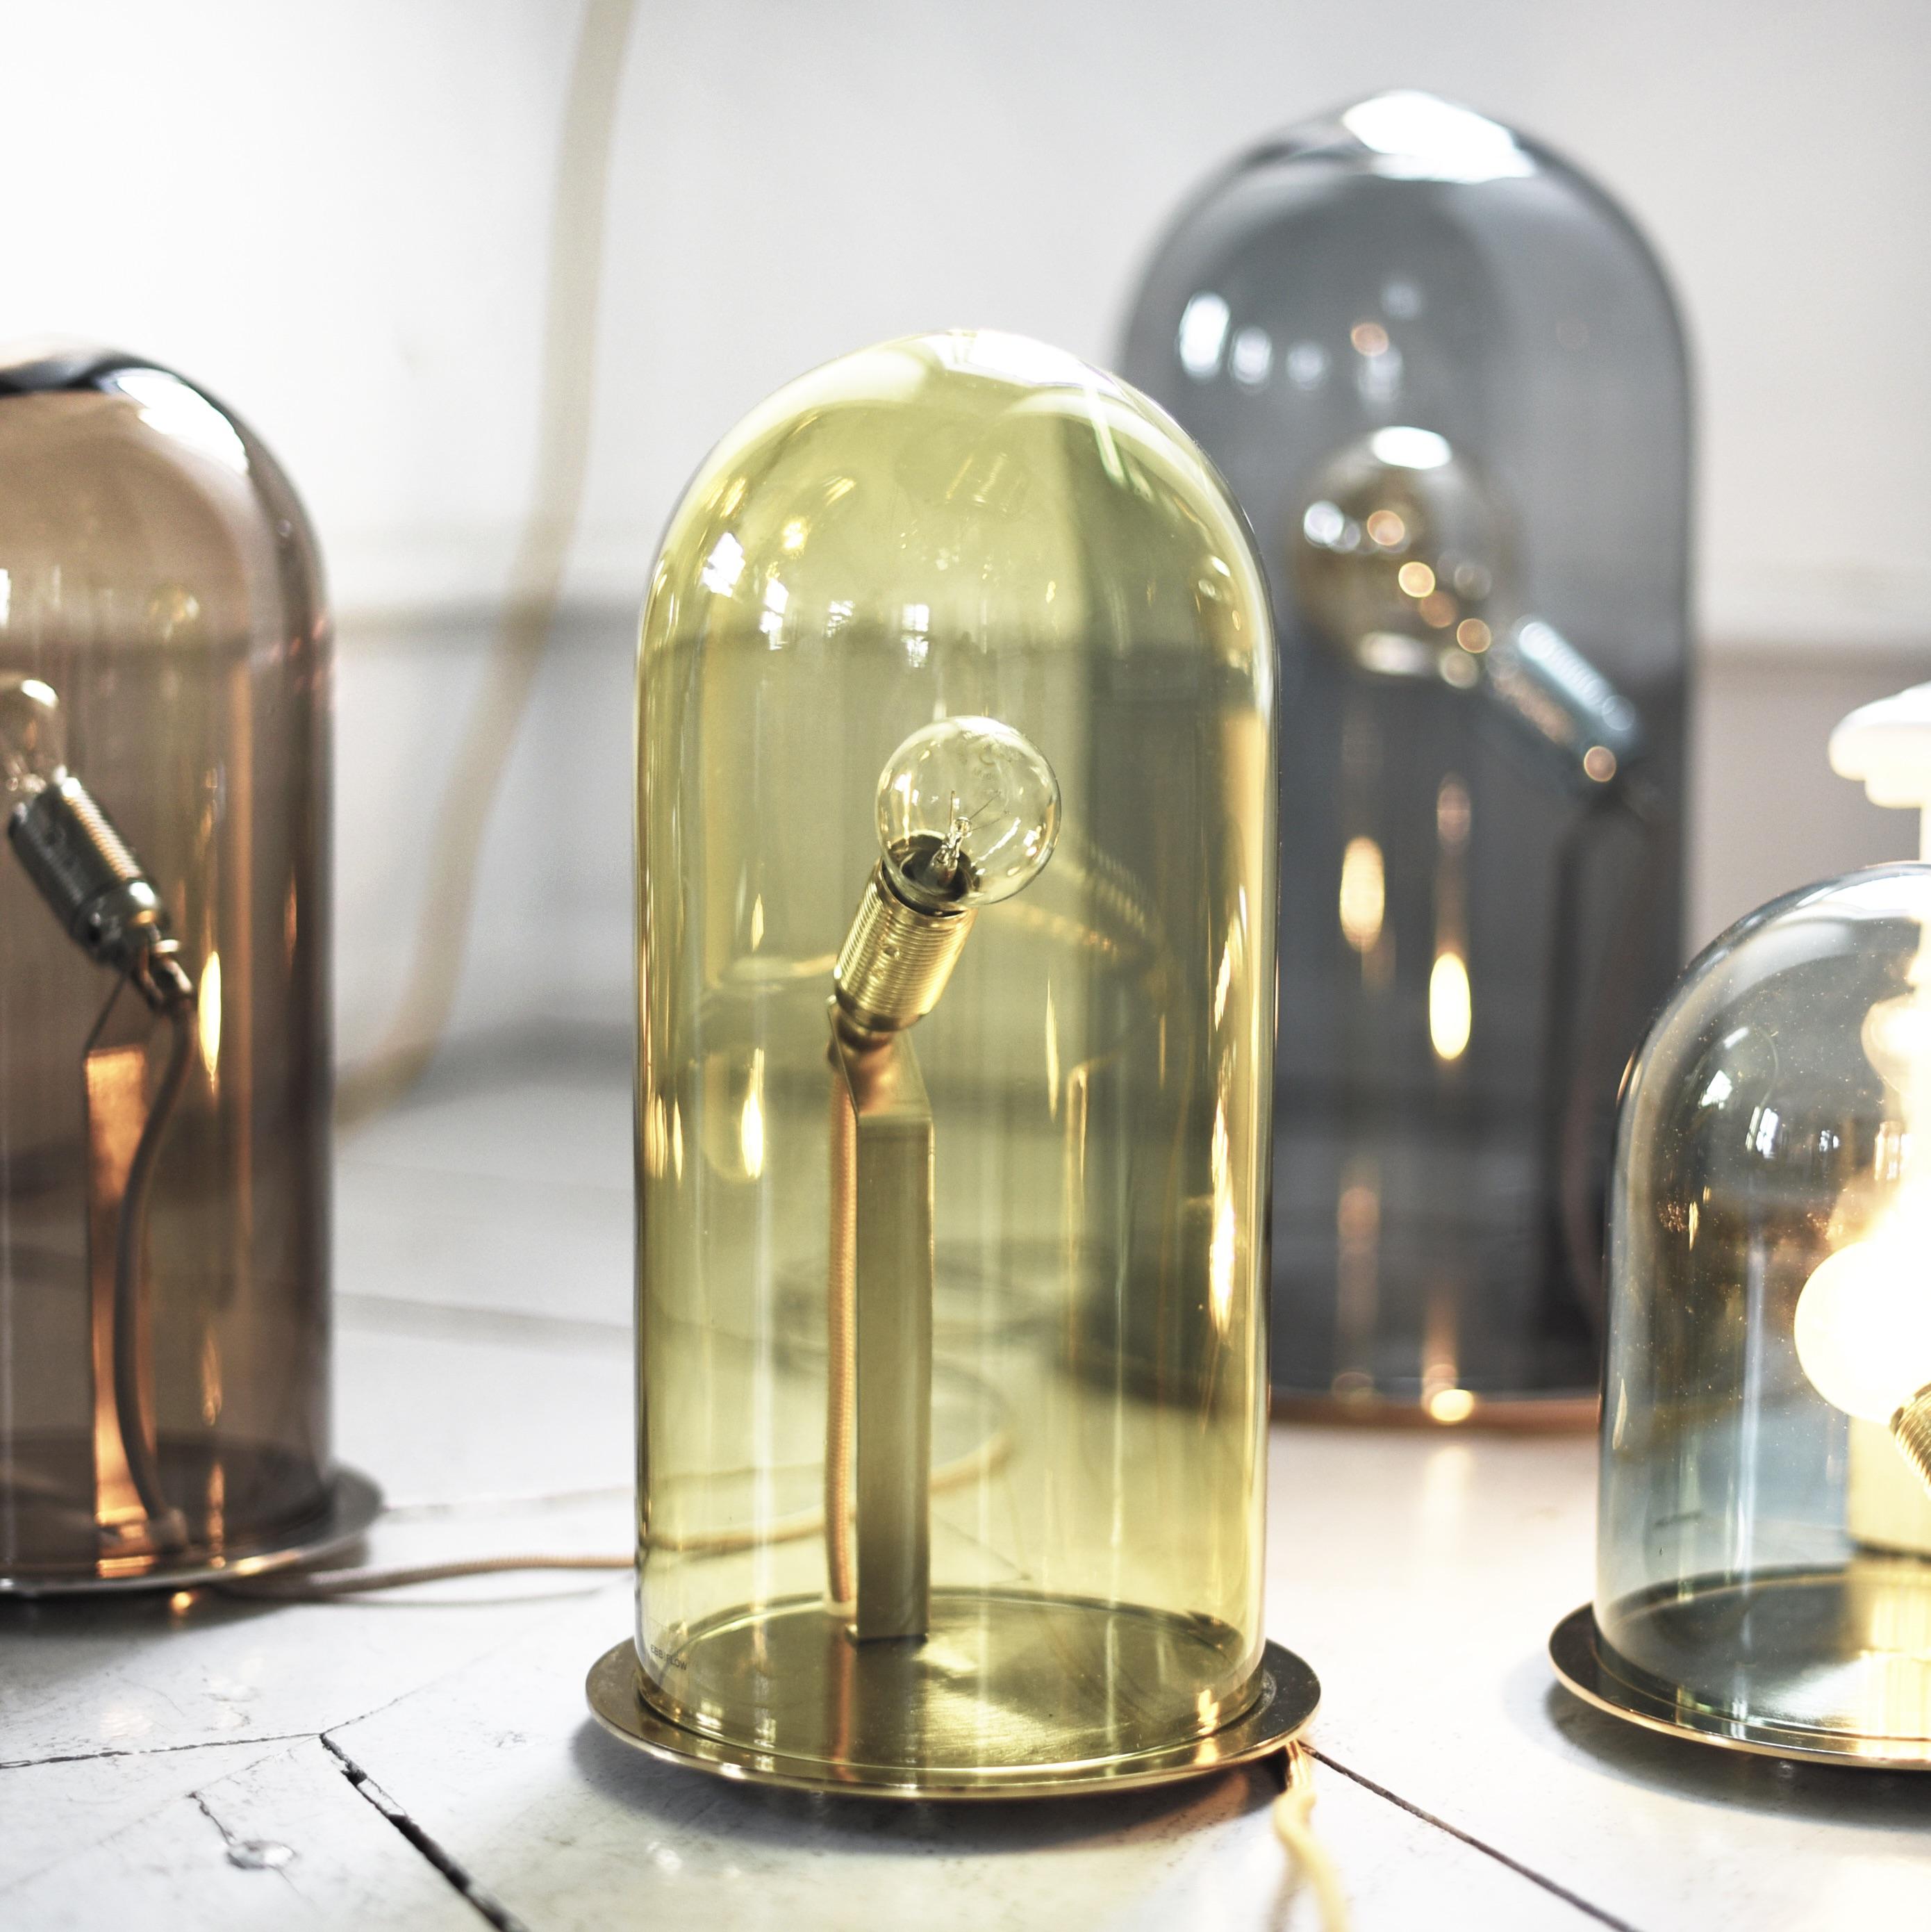 %name Résultat Supérieur 60 Beau Lampe Cloche Galerie 2018 Hdj5